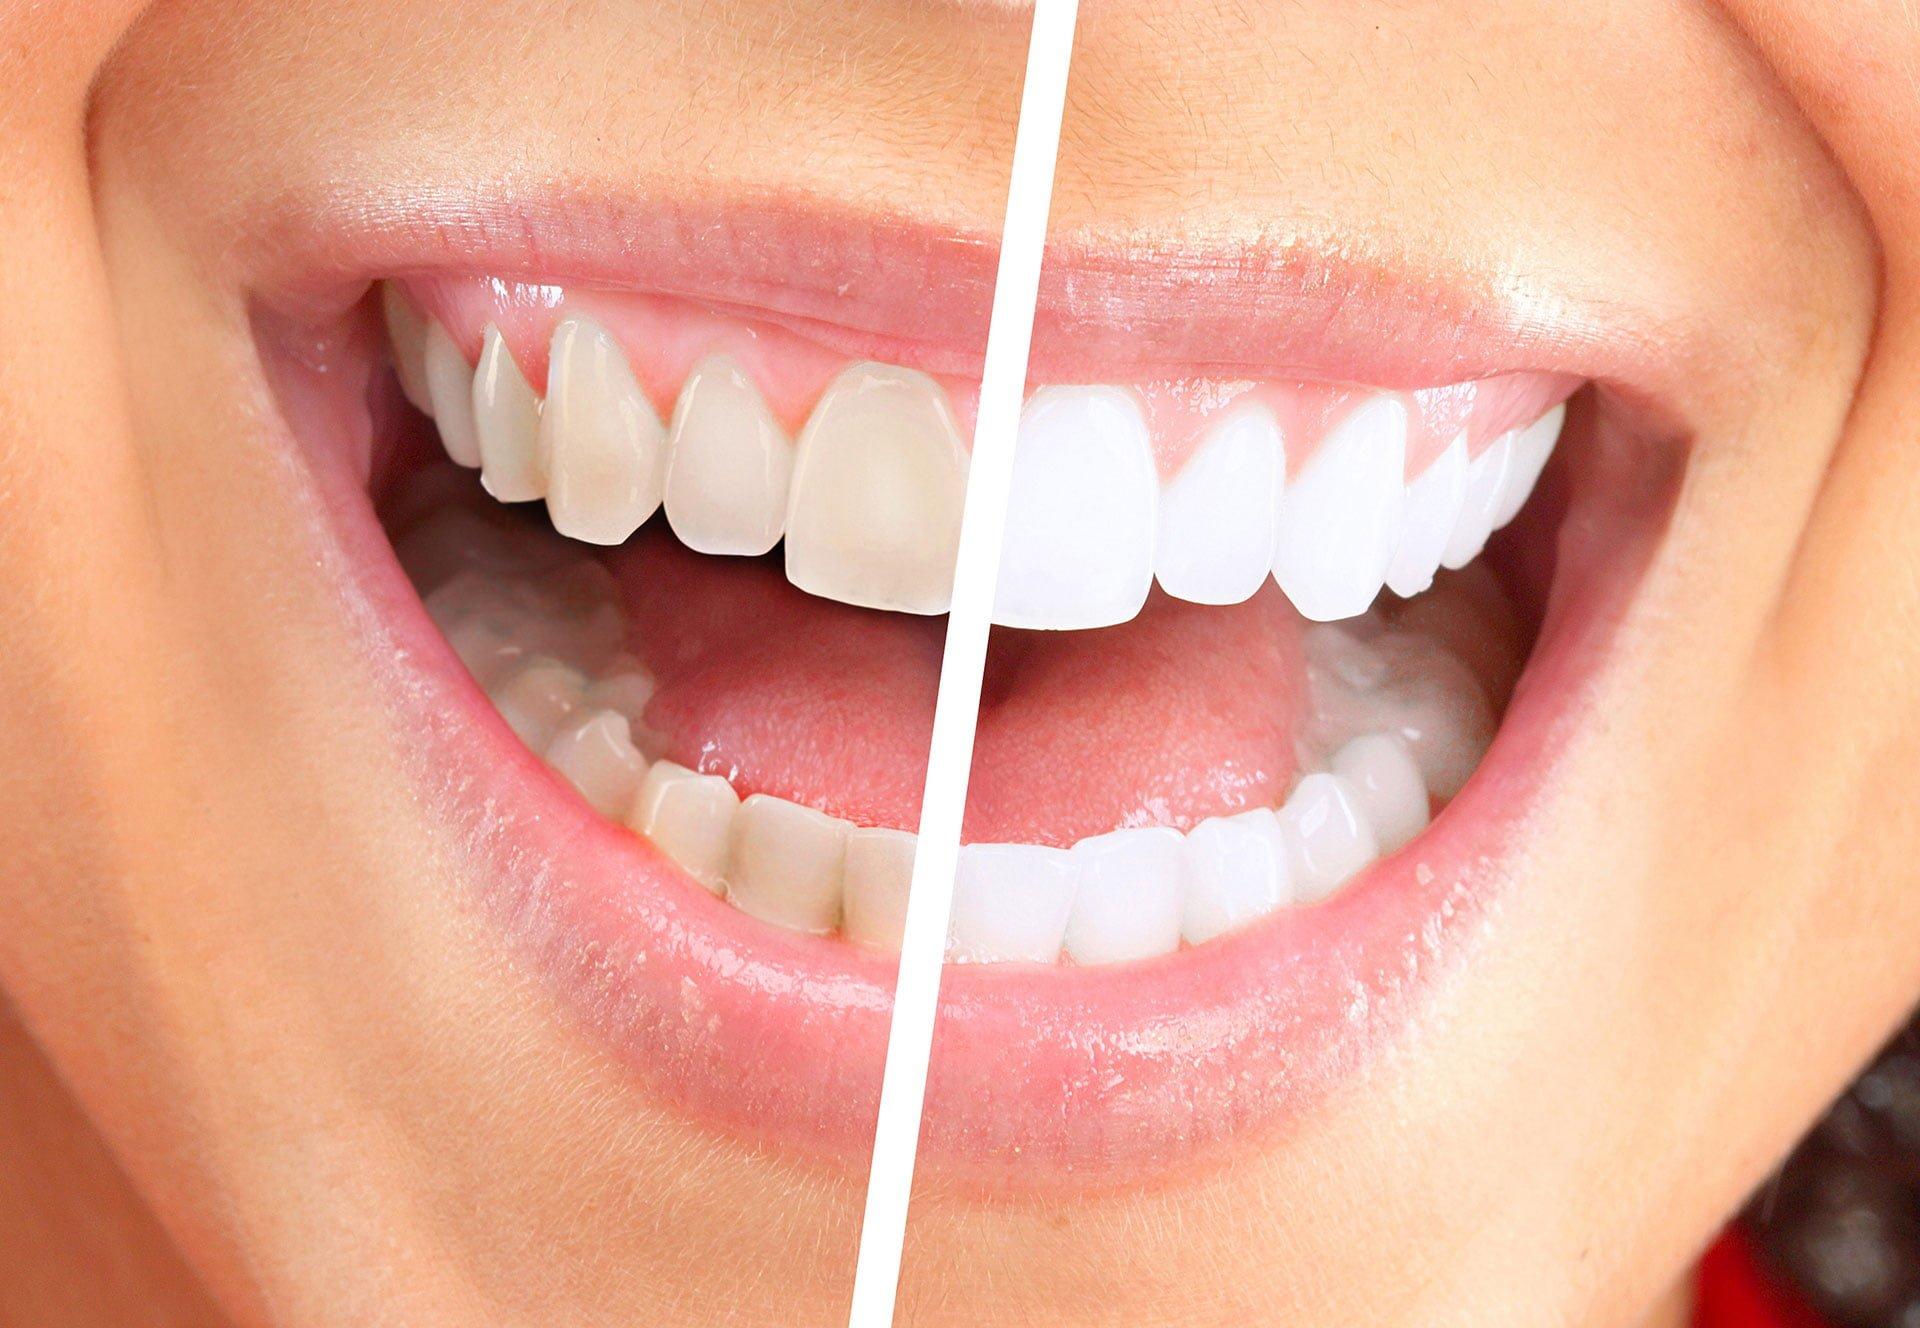 Tannbleking er rimeligere på nett